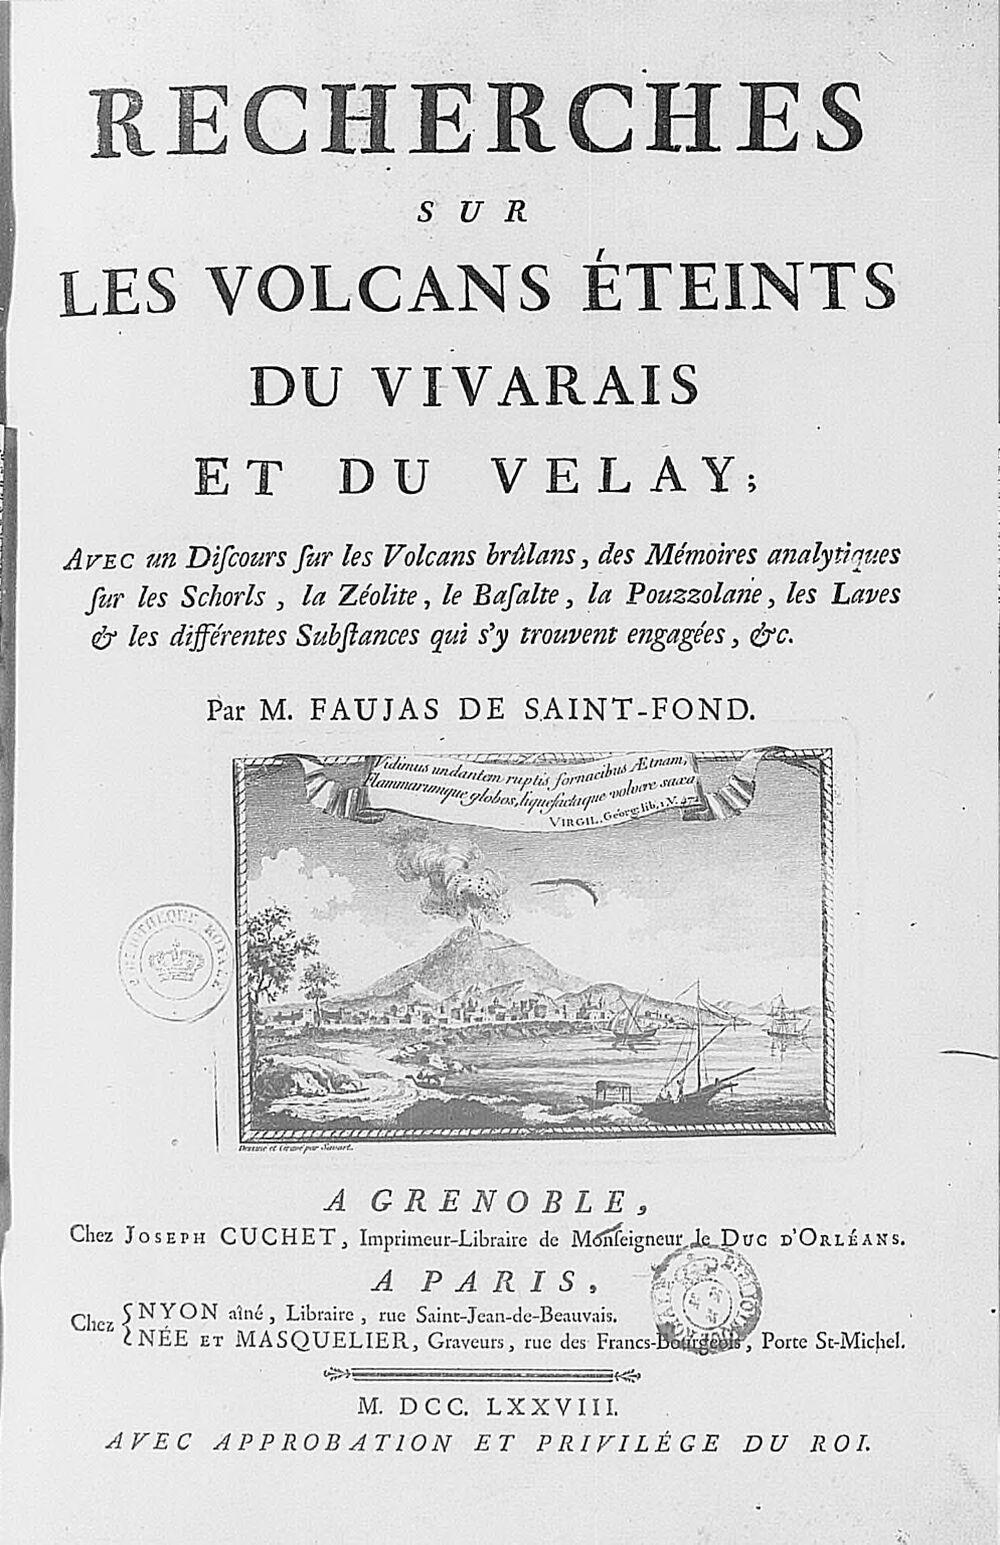 [Illustrations de Recherches sur les volcans éteints du Vivarais et du Velay] / Cl. Fessard [et al.], grav.; Savart [et al.], dess. ; B. Faujas de Saint-Fond, aut. du texte